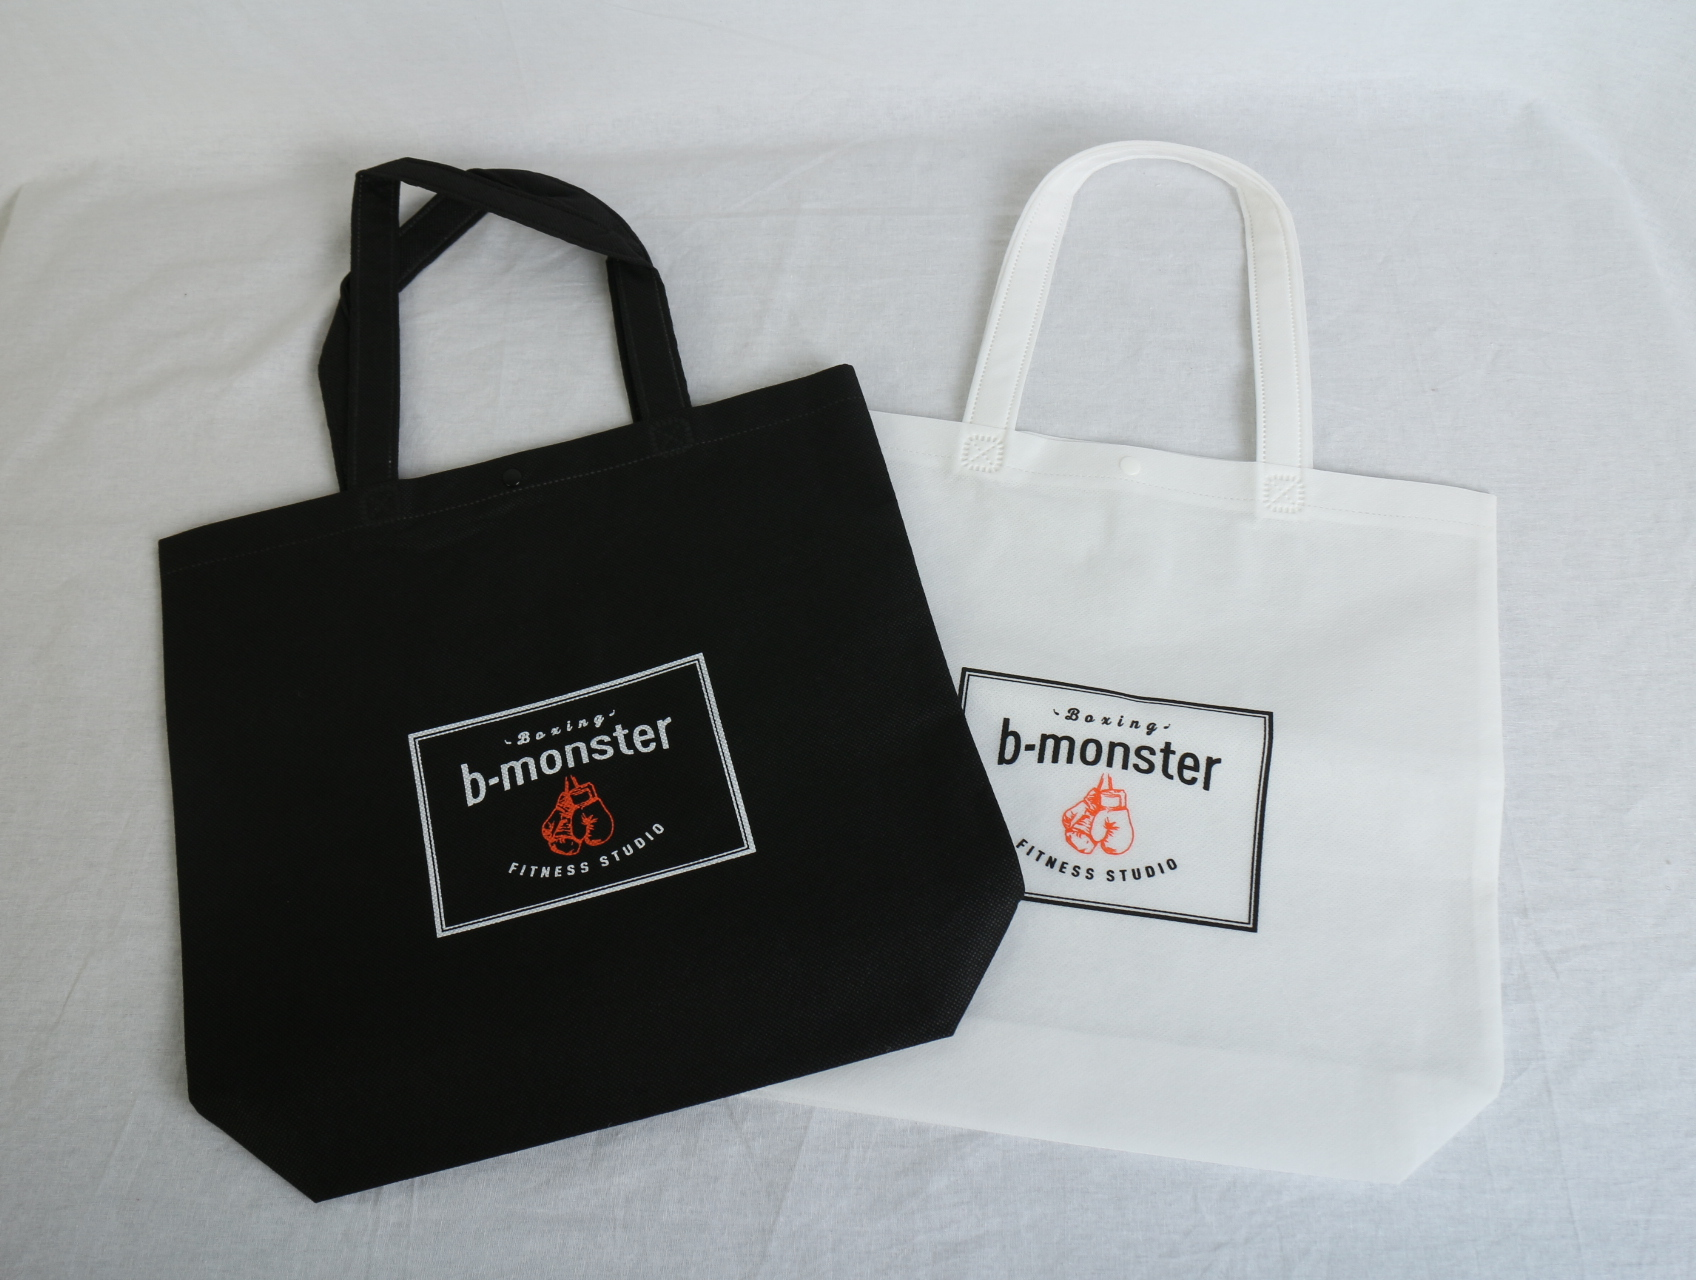 フィットネスクラブのオリジナル不織布バッグ